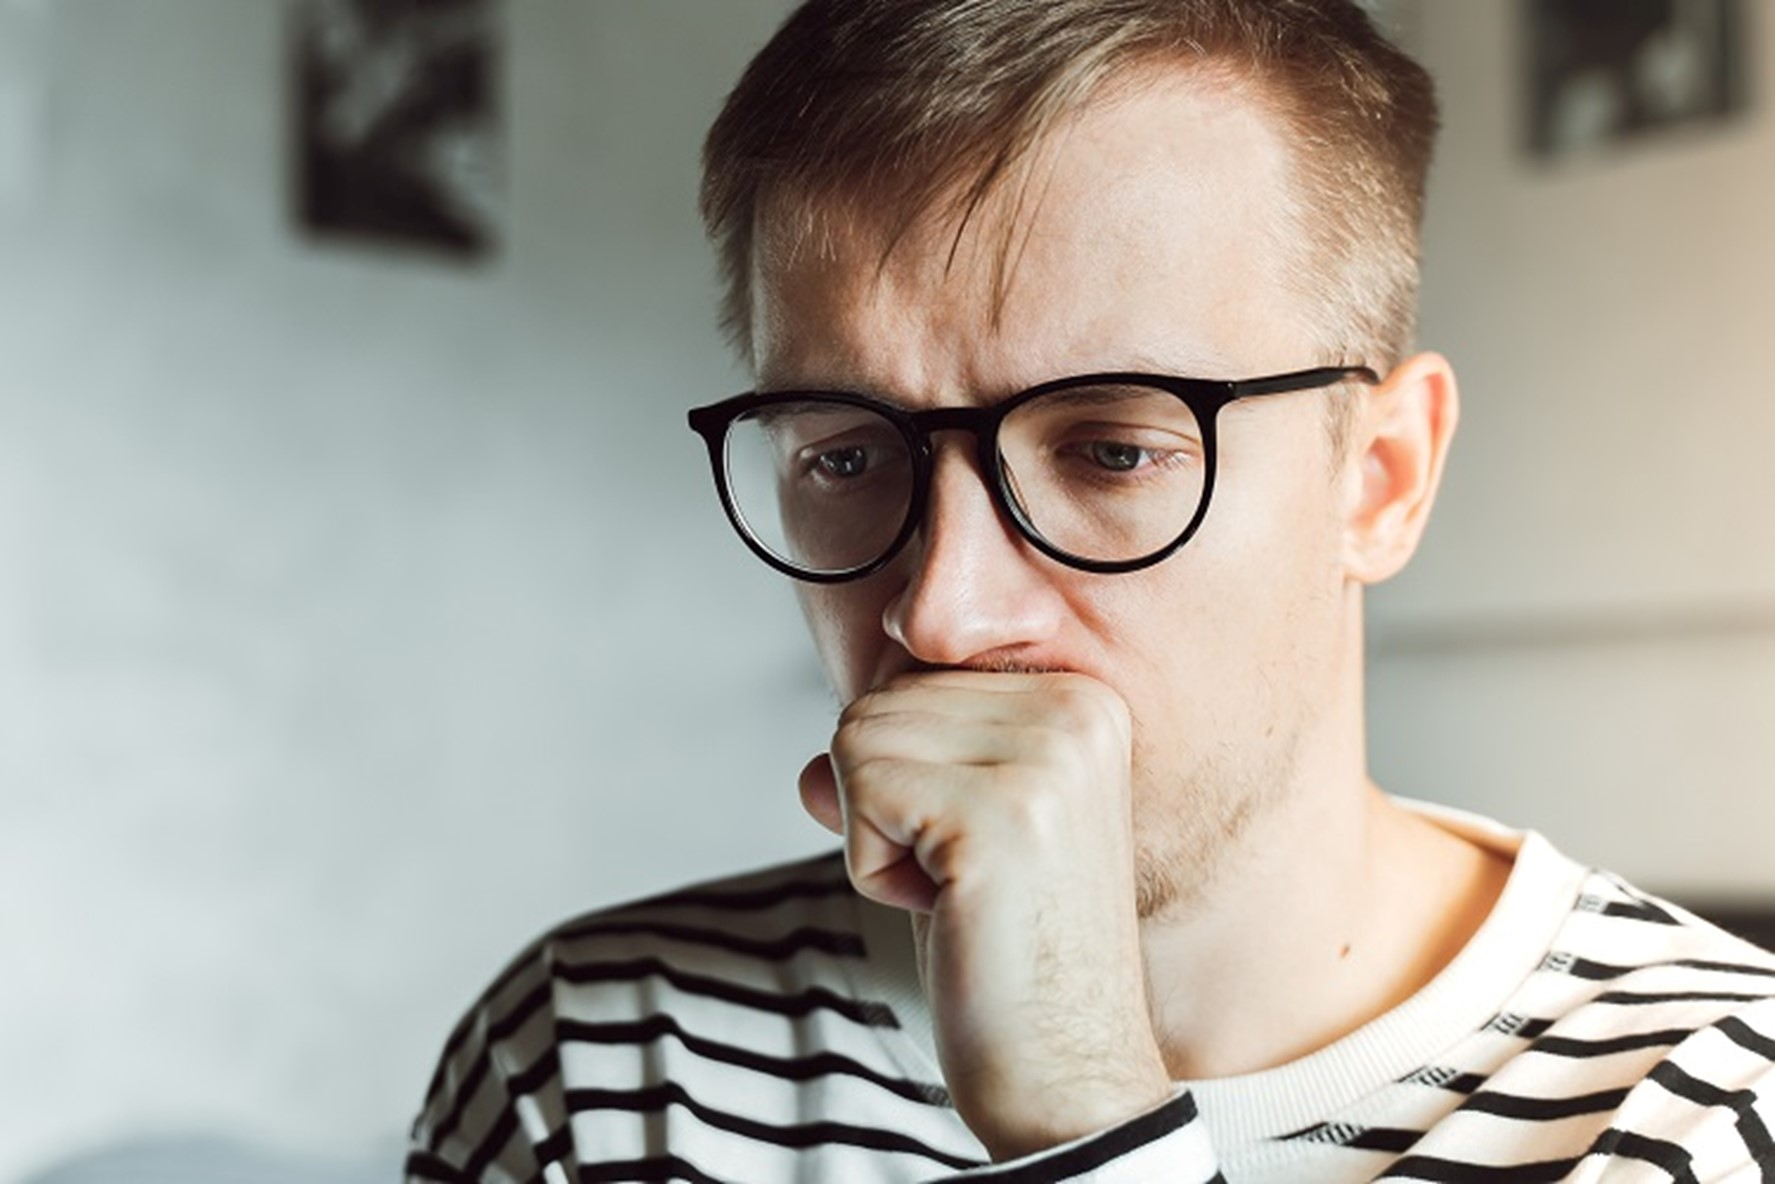 ¿Por qué podemos padecer ansiedad tras superar una enfermedad de gravedad?